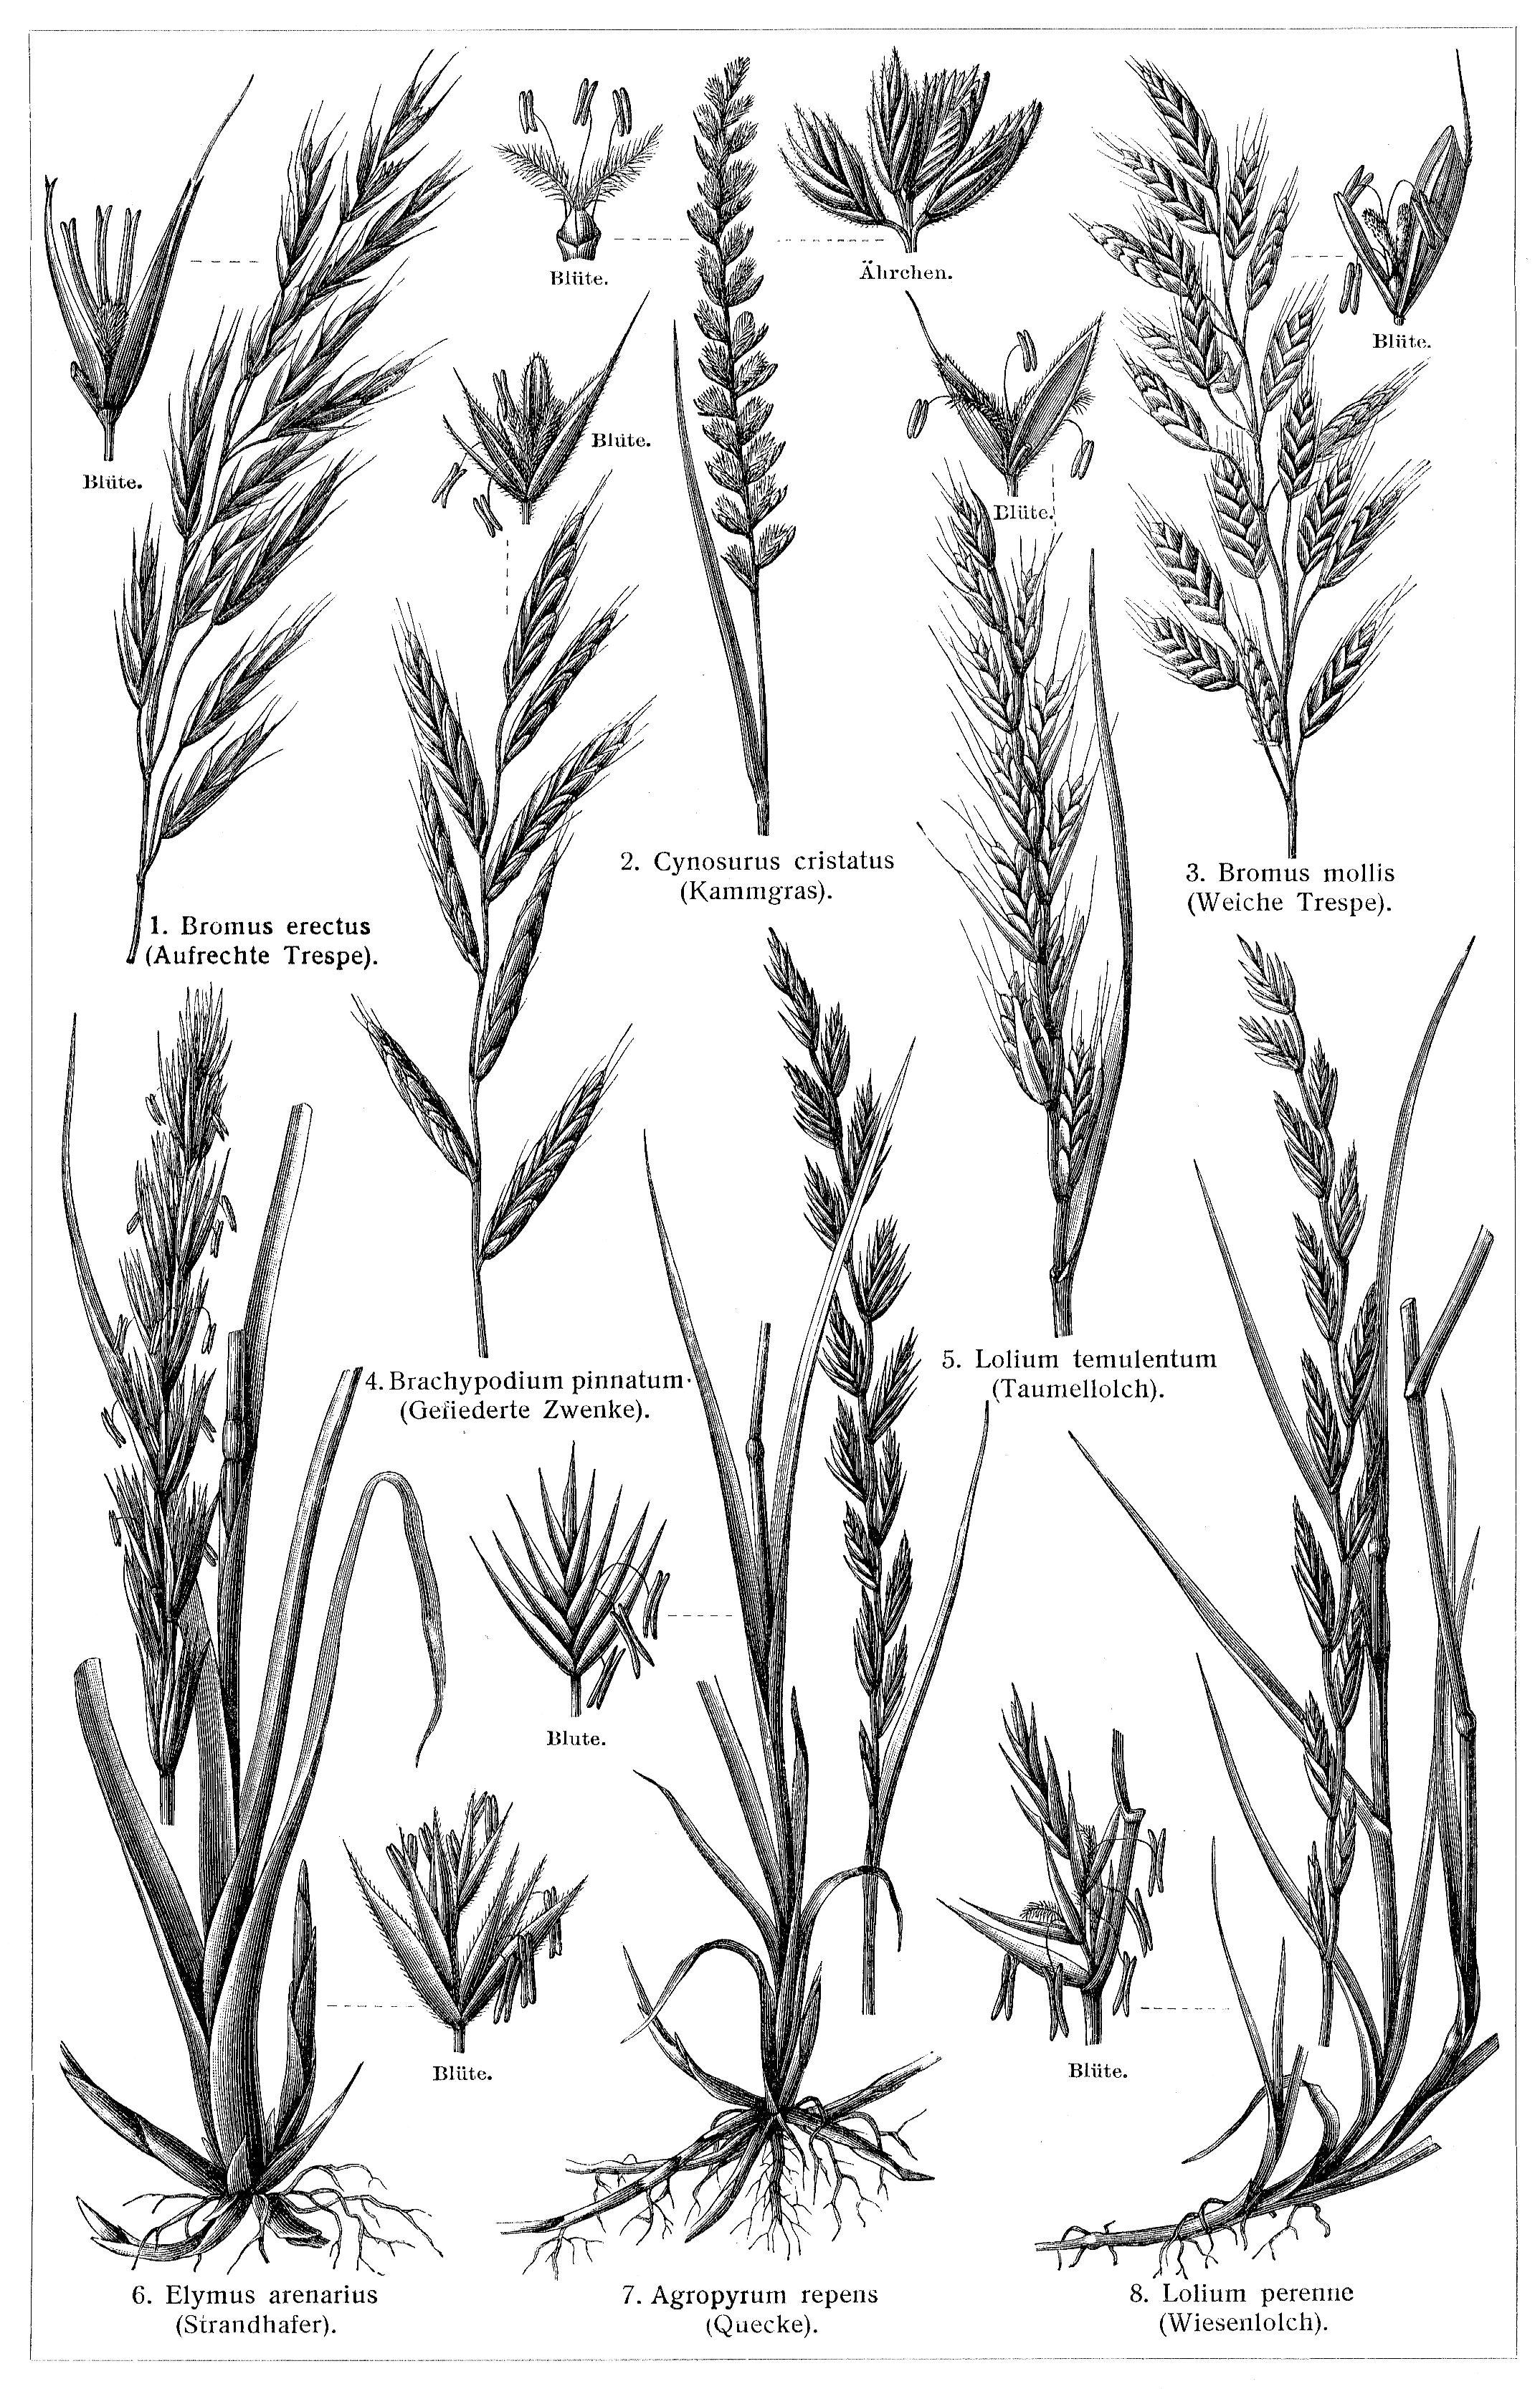 Gräser iv die beschreibung der pflanzen siehe unter den